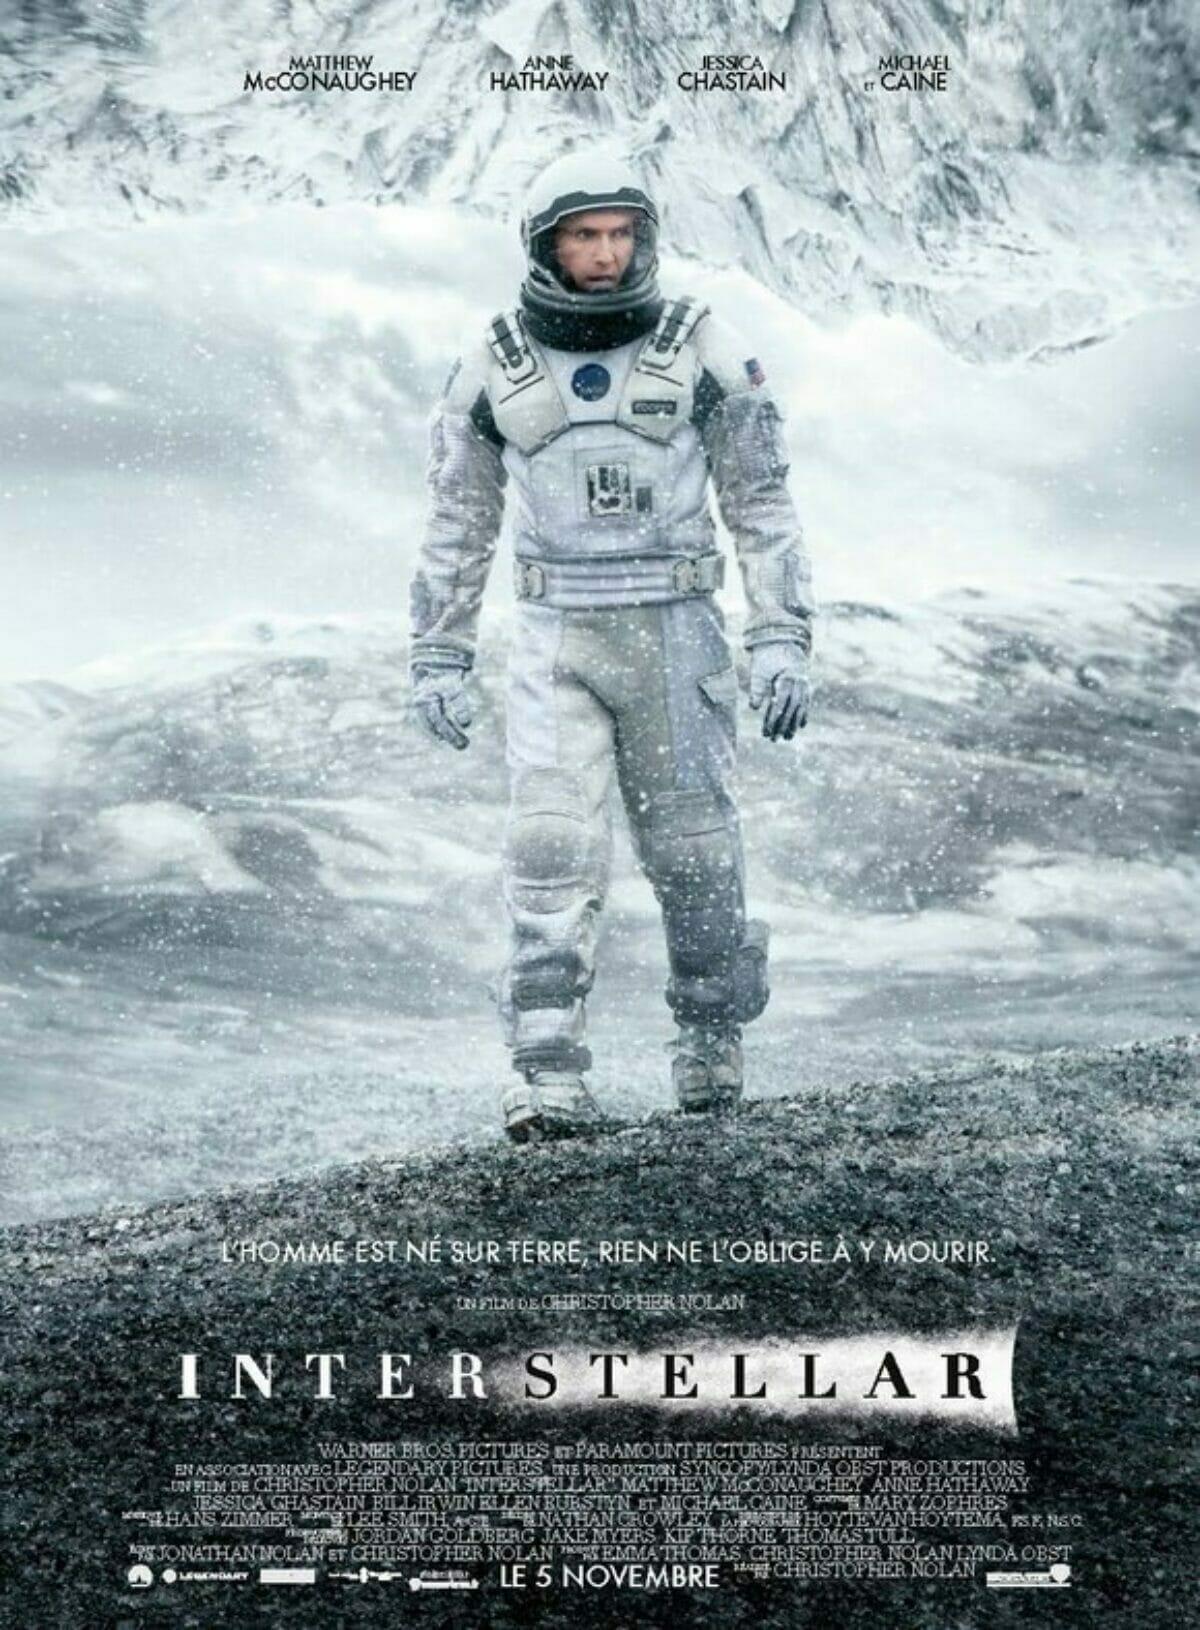 Interstellar-affiche-France